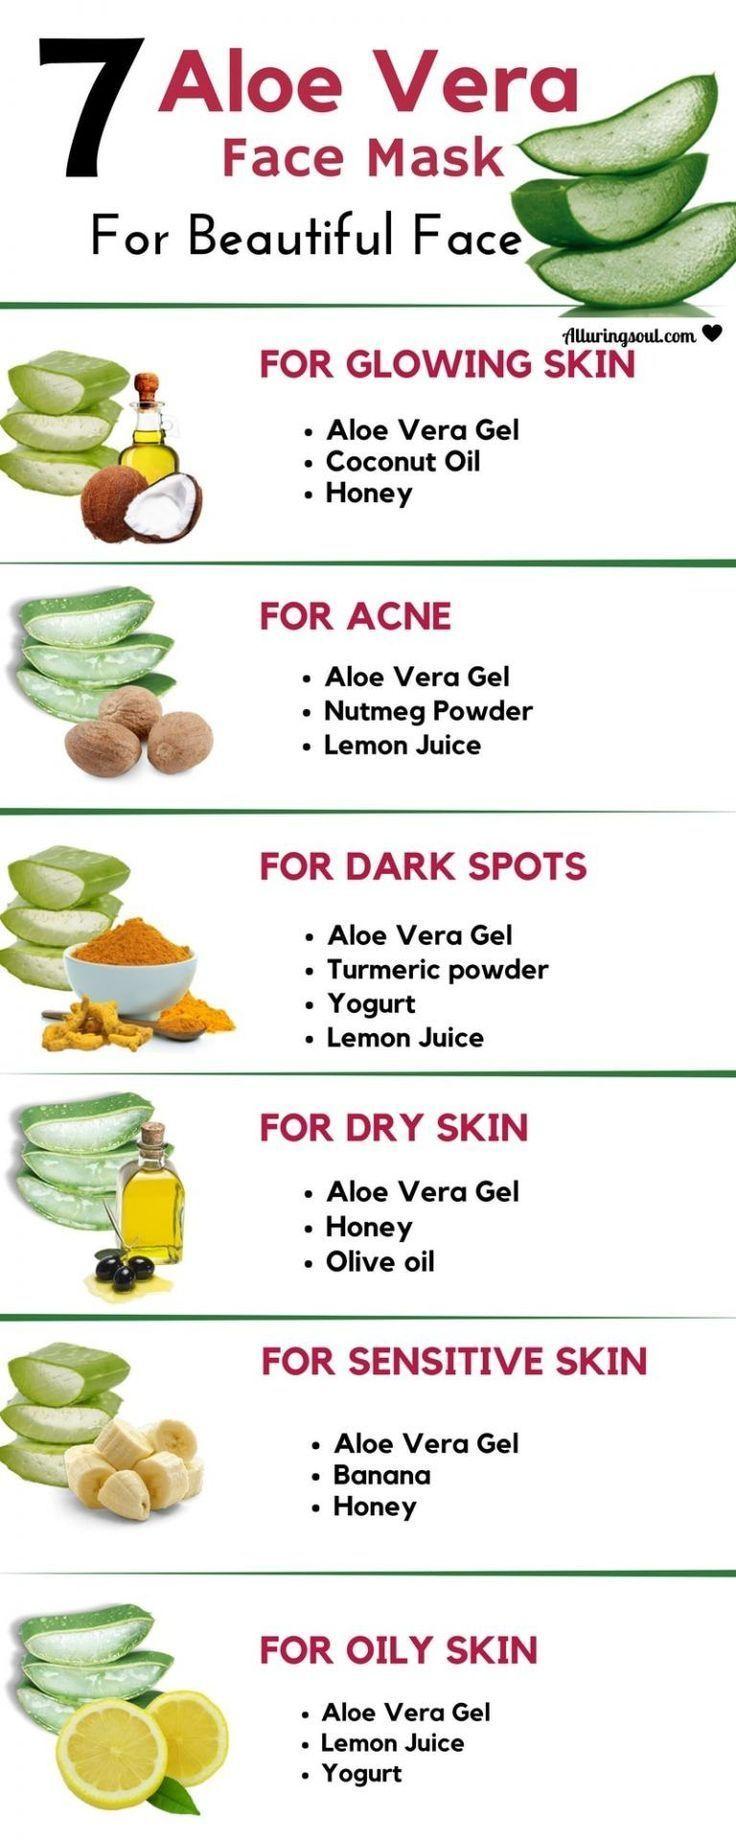 7 Aloe Vera Gesichtsmaske für strahlende und schöne Haut